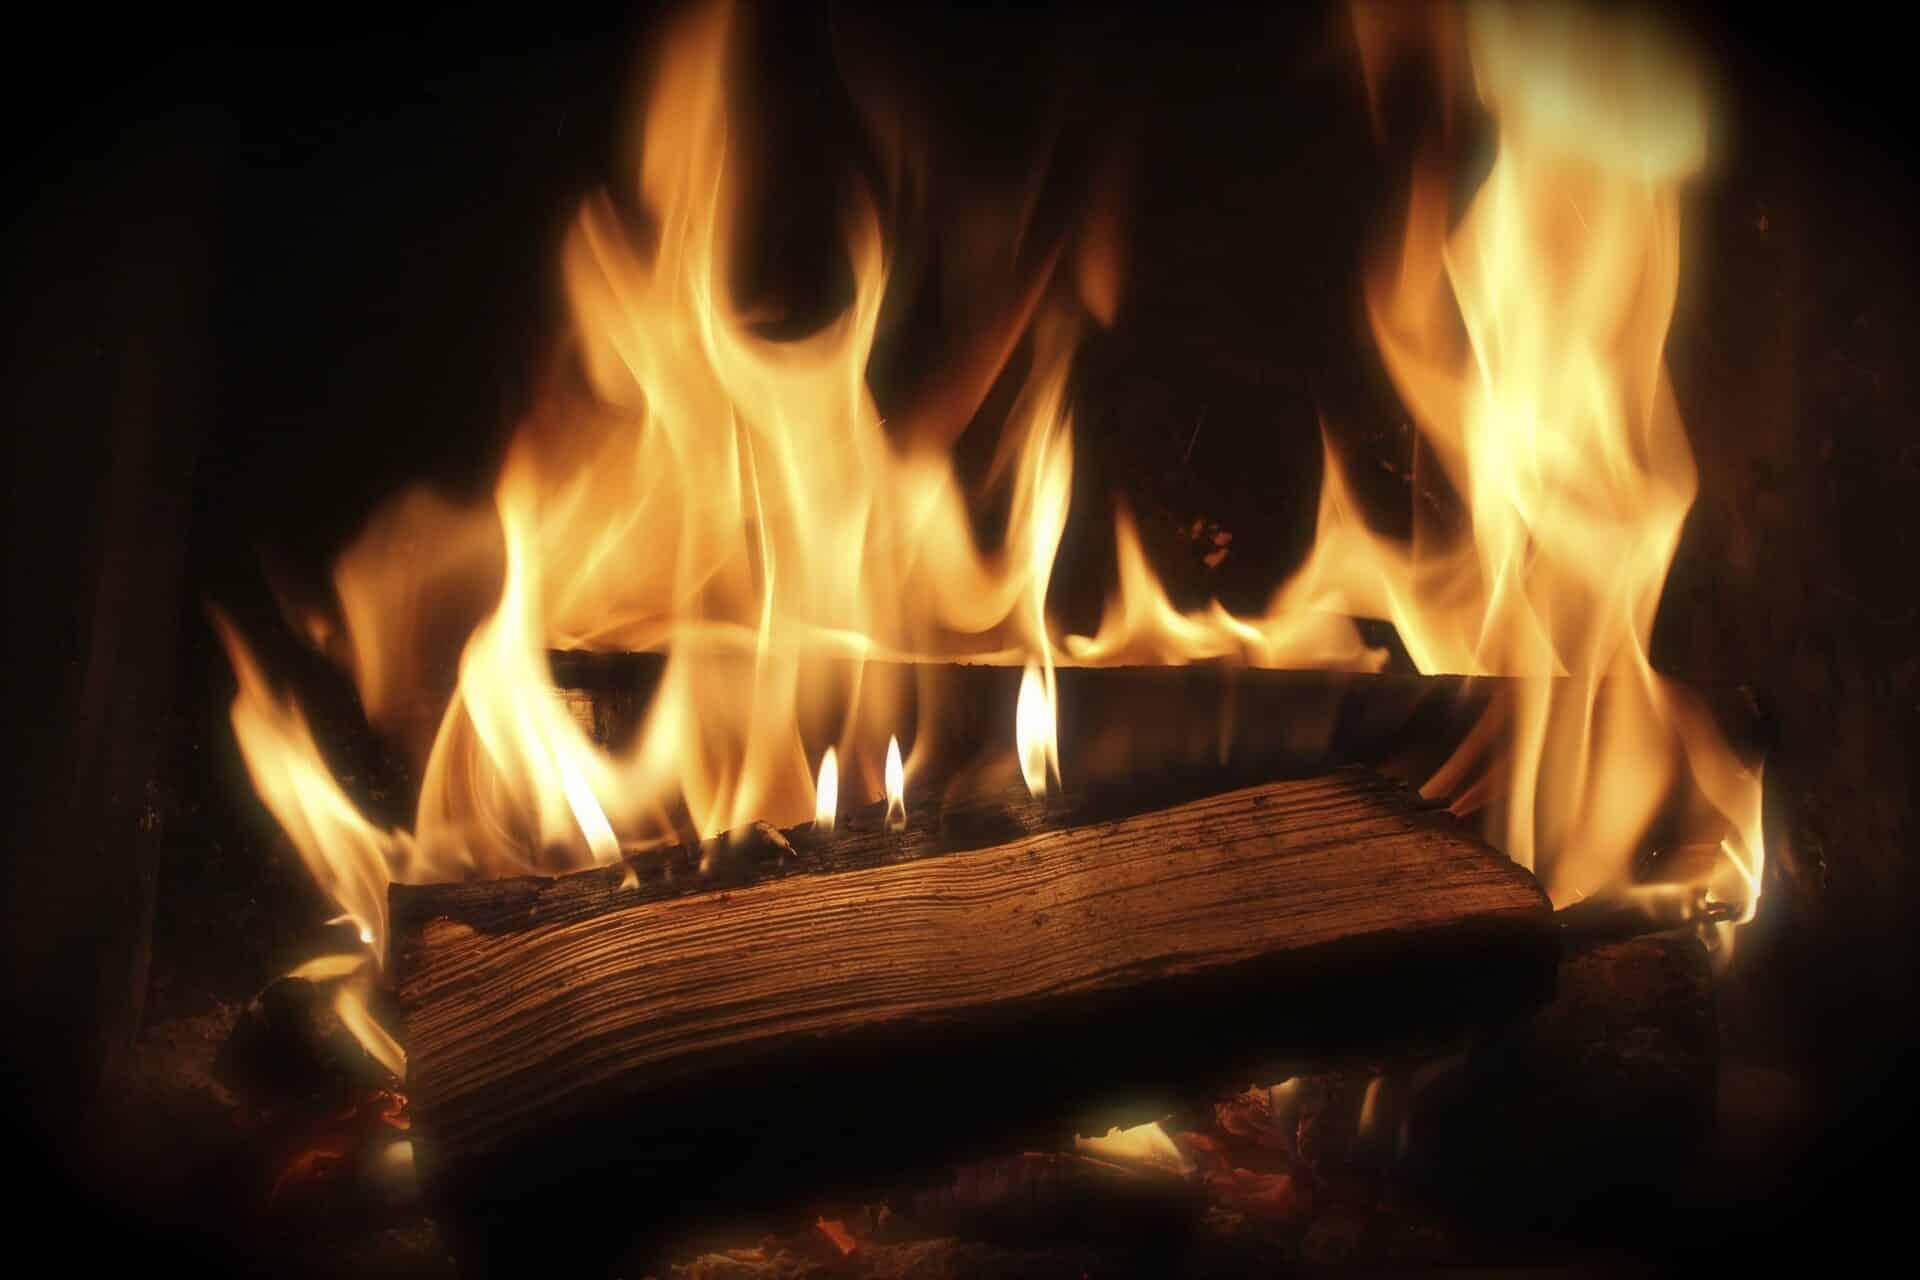 burning log in fireplace